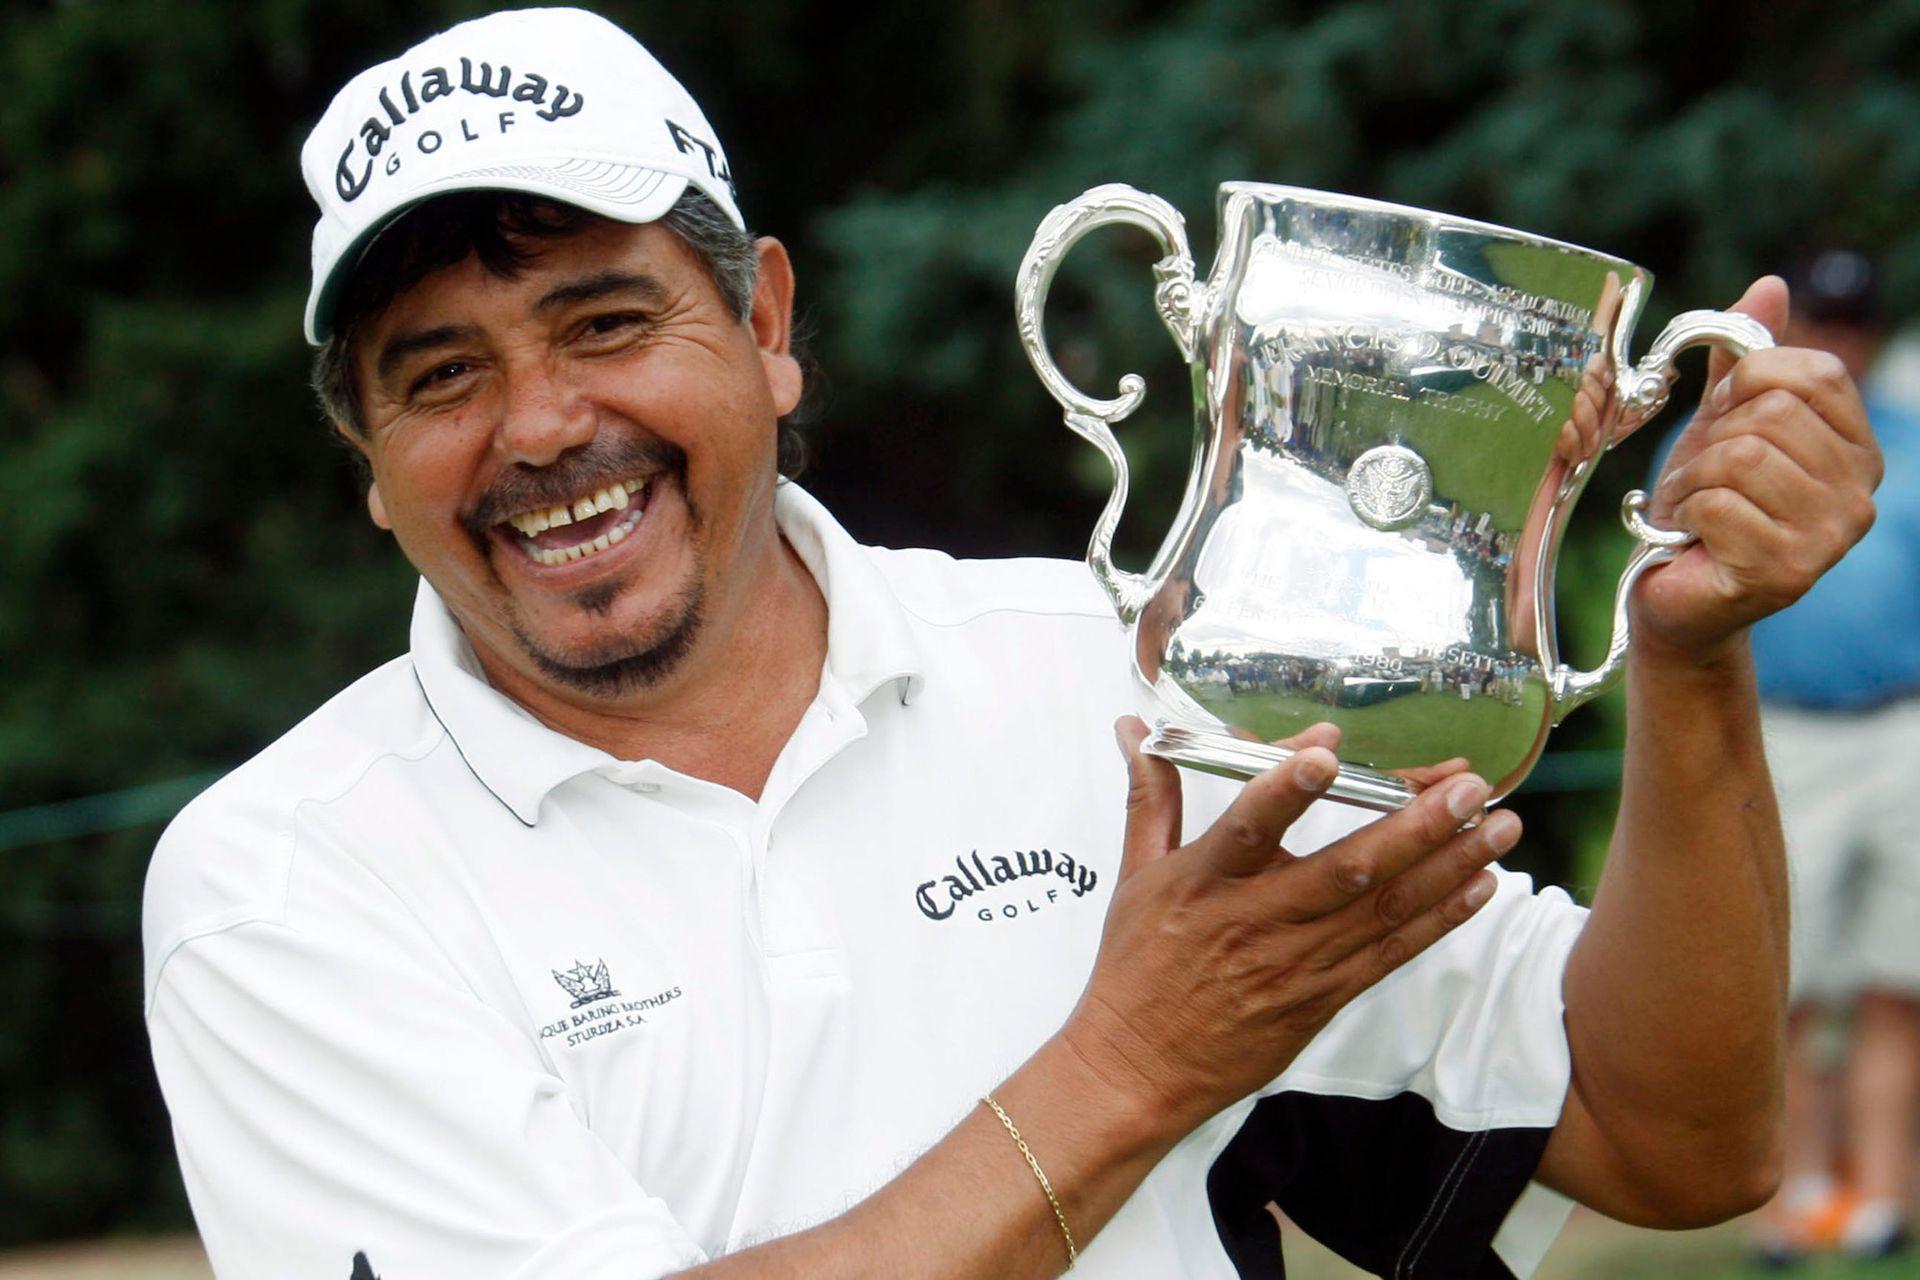 Eduardo Romero, de Argentina, sostiene el trofeo luego de ganar el campeonato de golf del Abierto Senior de Estados Unidos en The Broadmoor en Colorado Springs, Colorado, el domingo 3 de agosto de 2008.